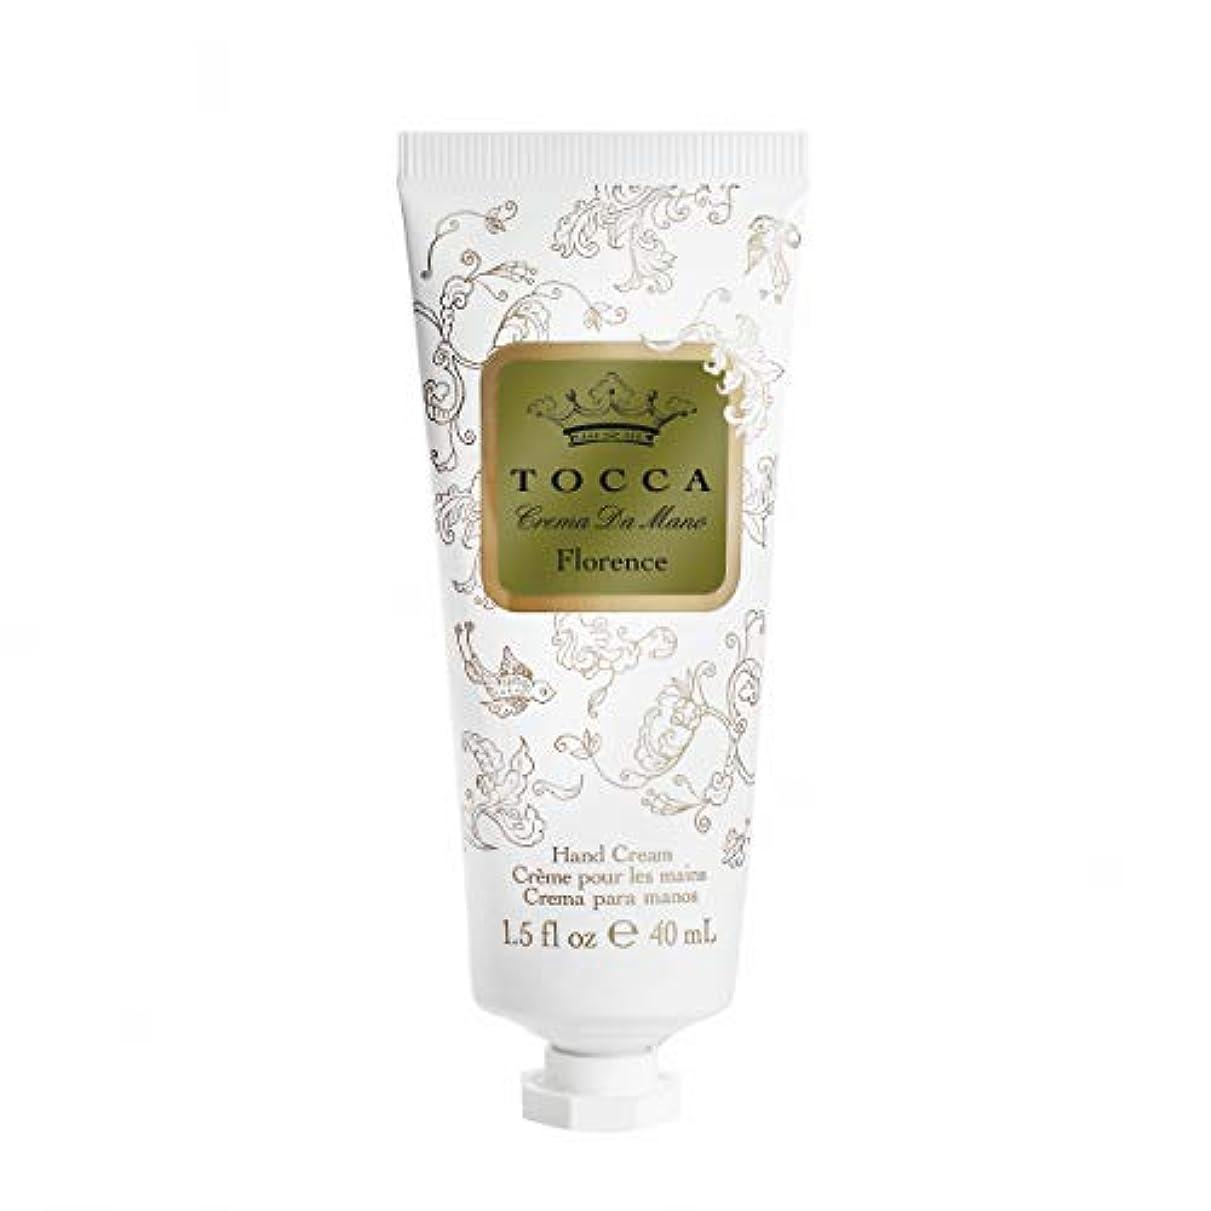 フリル庭園天皇トッカ(TOCCA) ハンドクリーム フローレンスの香り 40mL (ガーデニアとベルガモットが誘うように溶け合うどこまでも上品なフローラルの香り)